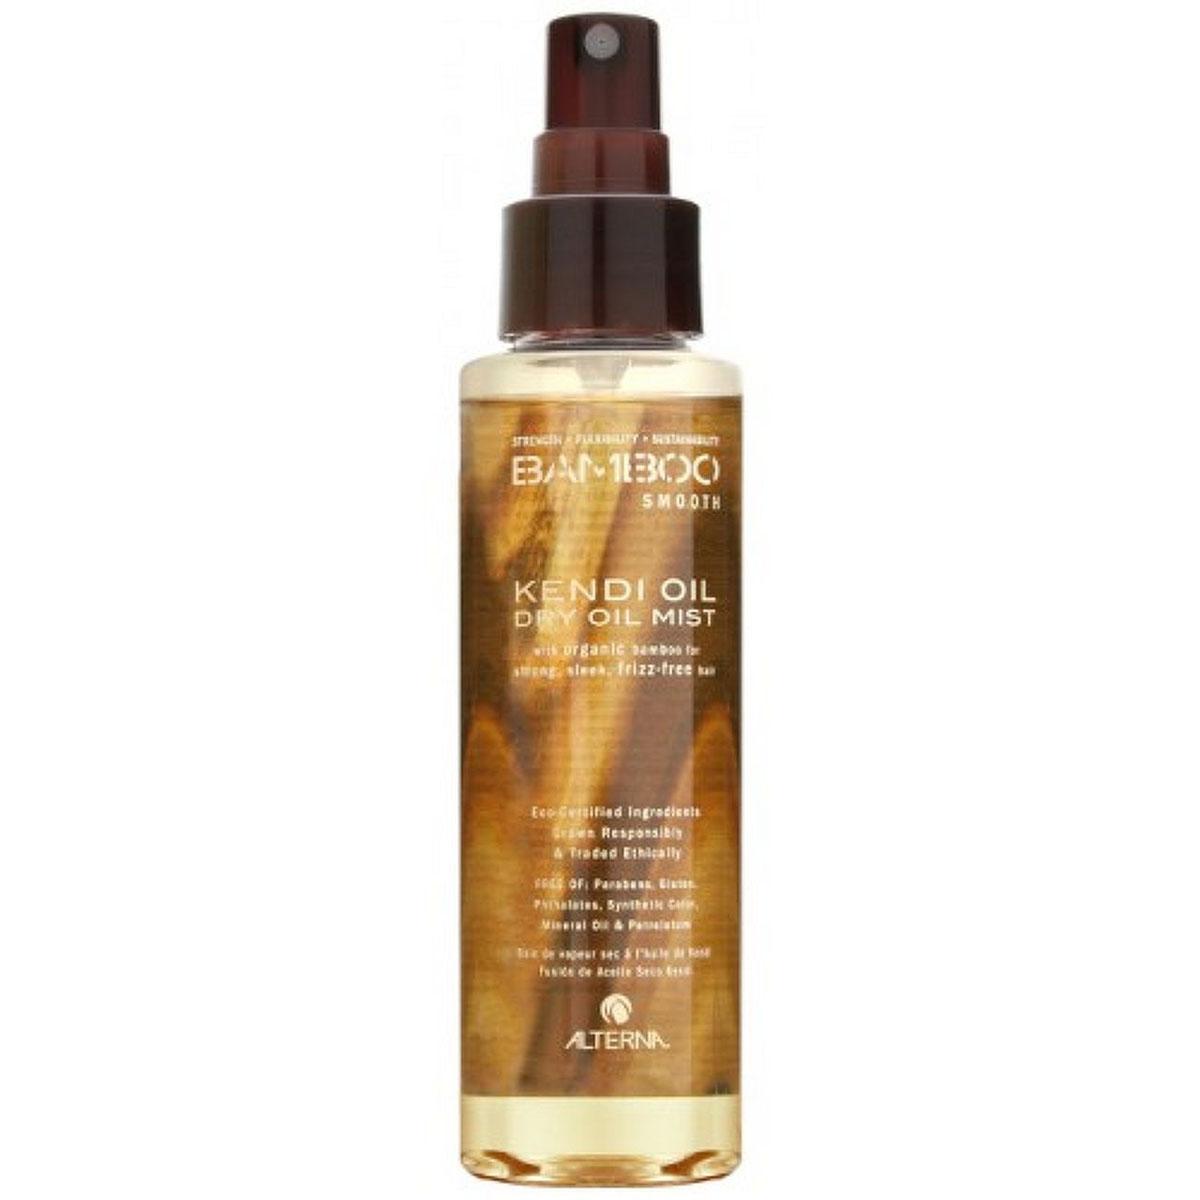 Alterna Невесомое масло-спрей для ухода за волосами Bamboo Smooth Kendi Dry Oil Mist - 125 мл44310Масло Кенди, входящее в состав Alterna Bamboo Smooth Kendi Dry Oil Mist, помогает разгладить волосы и устранить их пушистость. Обладает термозащитой, так же используется для продления срока действия процедуры выпрямления волос. Результат: Alterna Bamboo Smooth Kendi Dry Oil Mist насыщает волосы питательными веществами и антиоксидантами. Укрепляет волосы. Благодаря технологии Color Hold обеспечивает защиту цвета волос. Предотвращает запутывание, пушистость и завивание волос. Увеличивает срок действия процесса по выпрямлению и выравниванию волос. Обладает влагостойкими свойствами. Усиливает блеск волос.